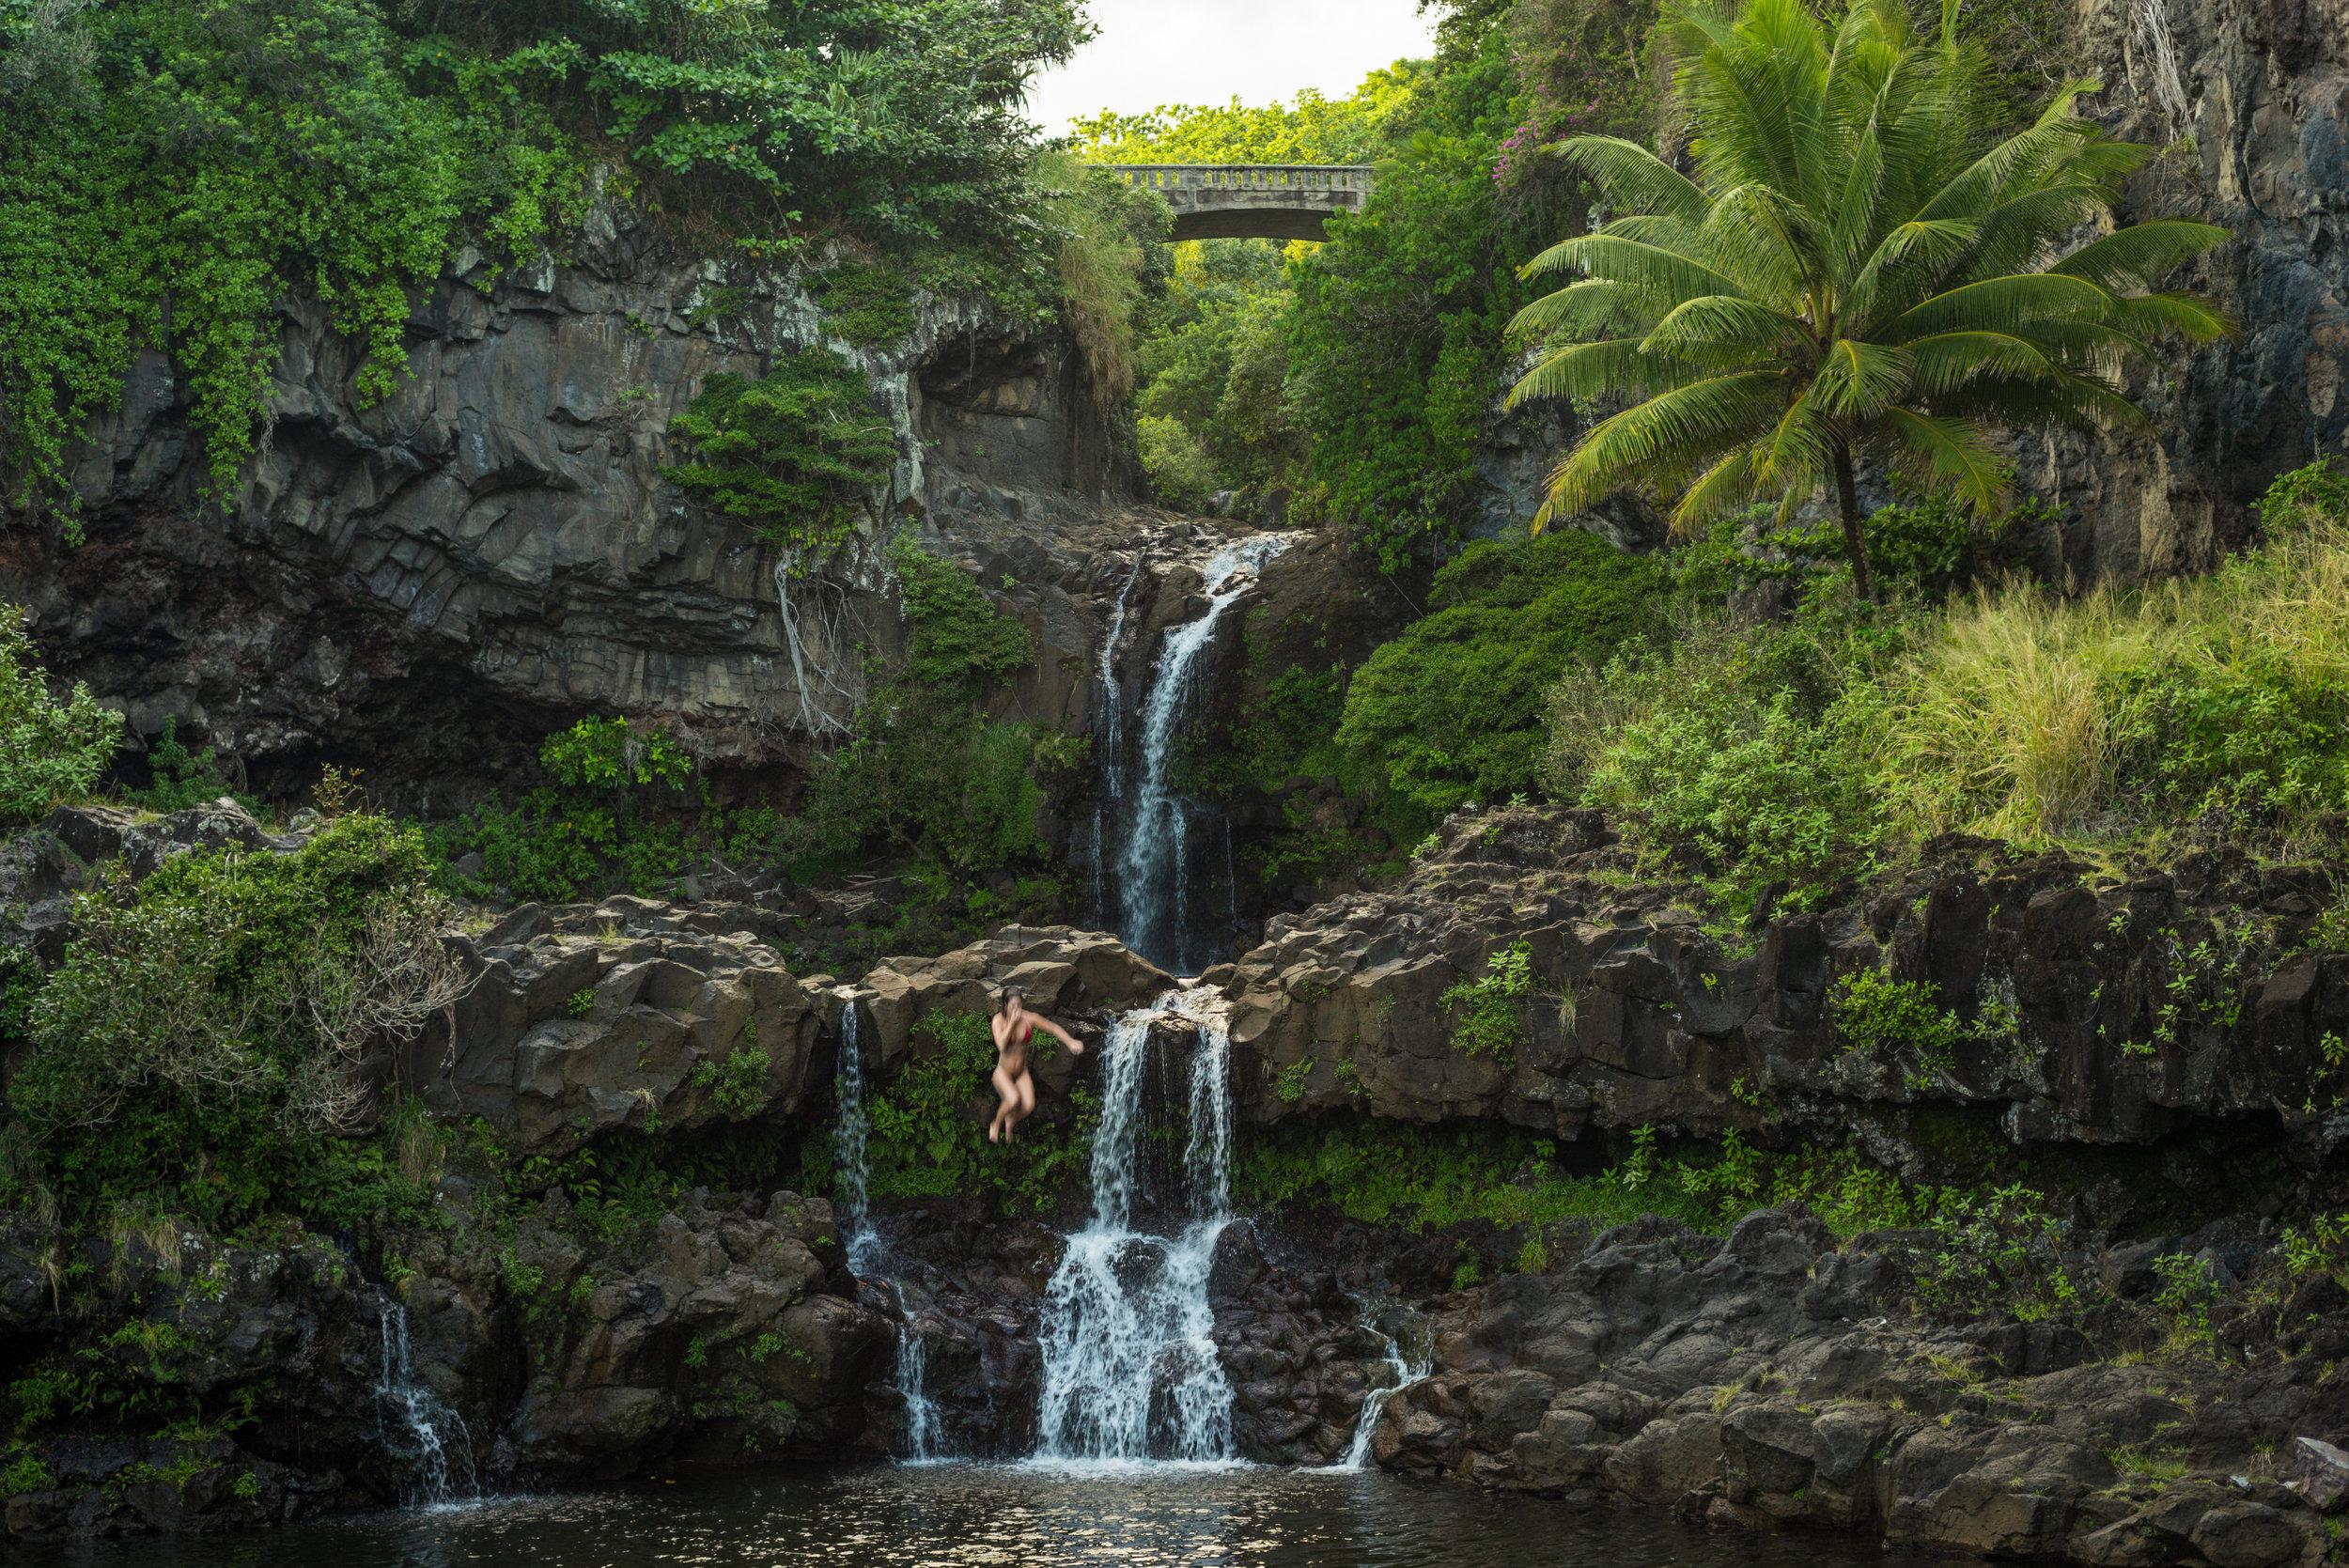 Chris_Majors_Maui-8850.jpg